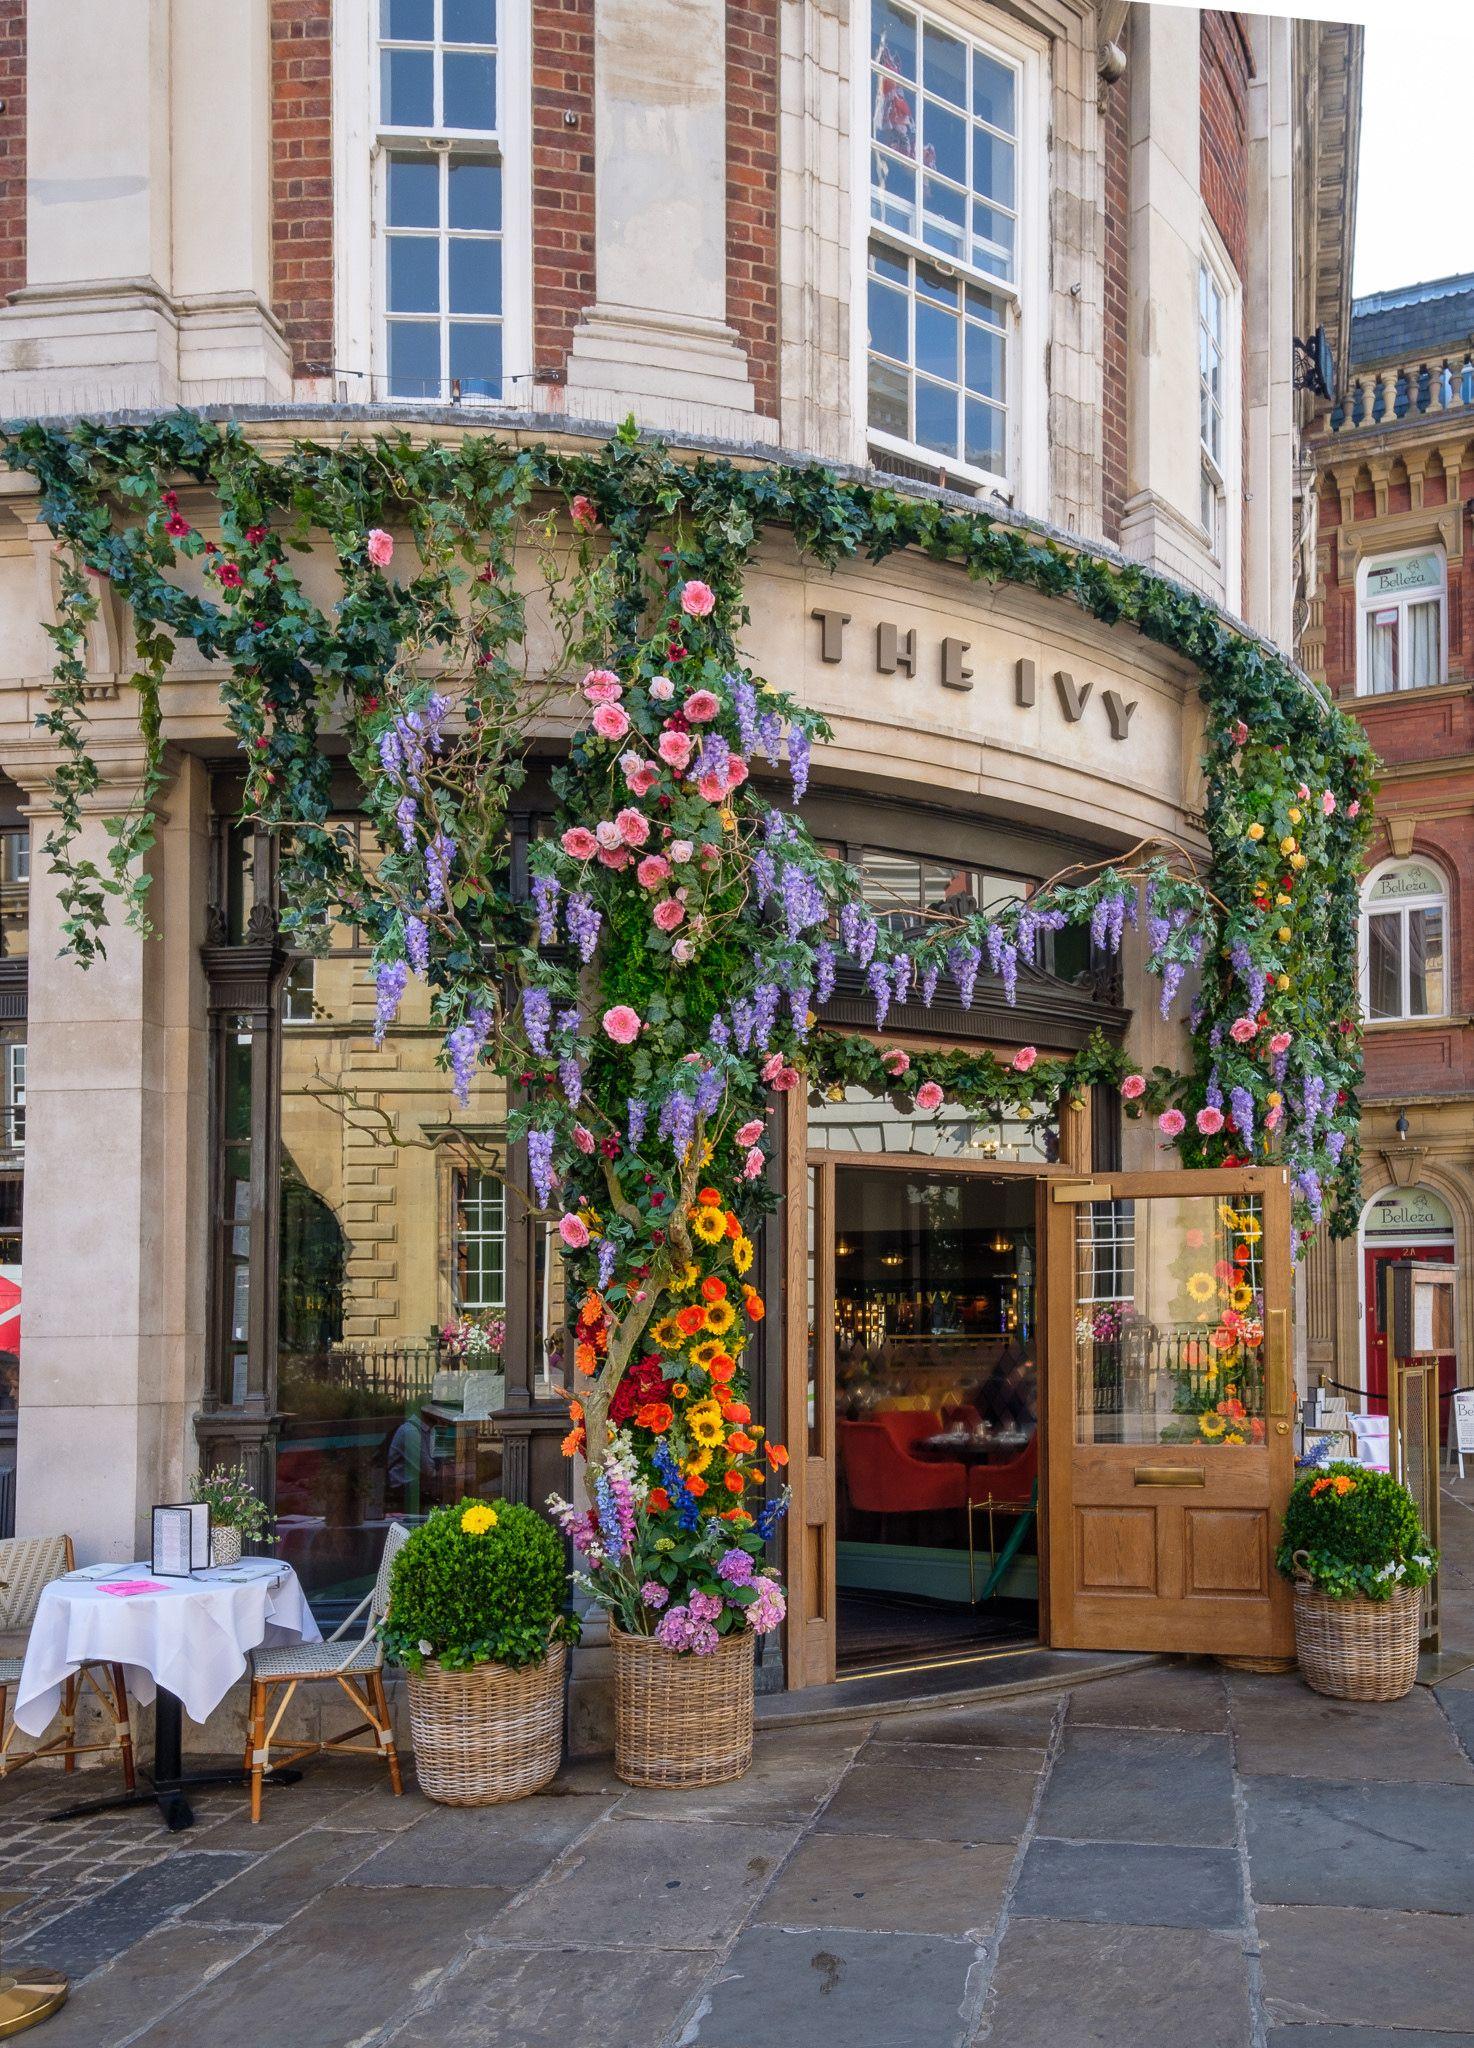 Bloom! York, St Helen's Square